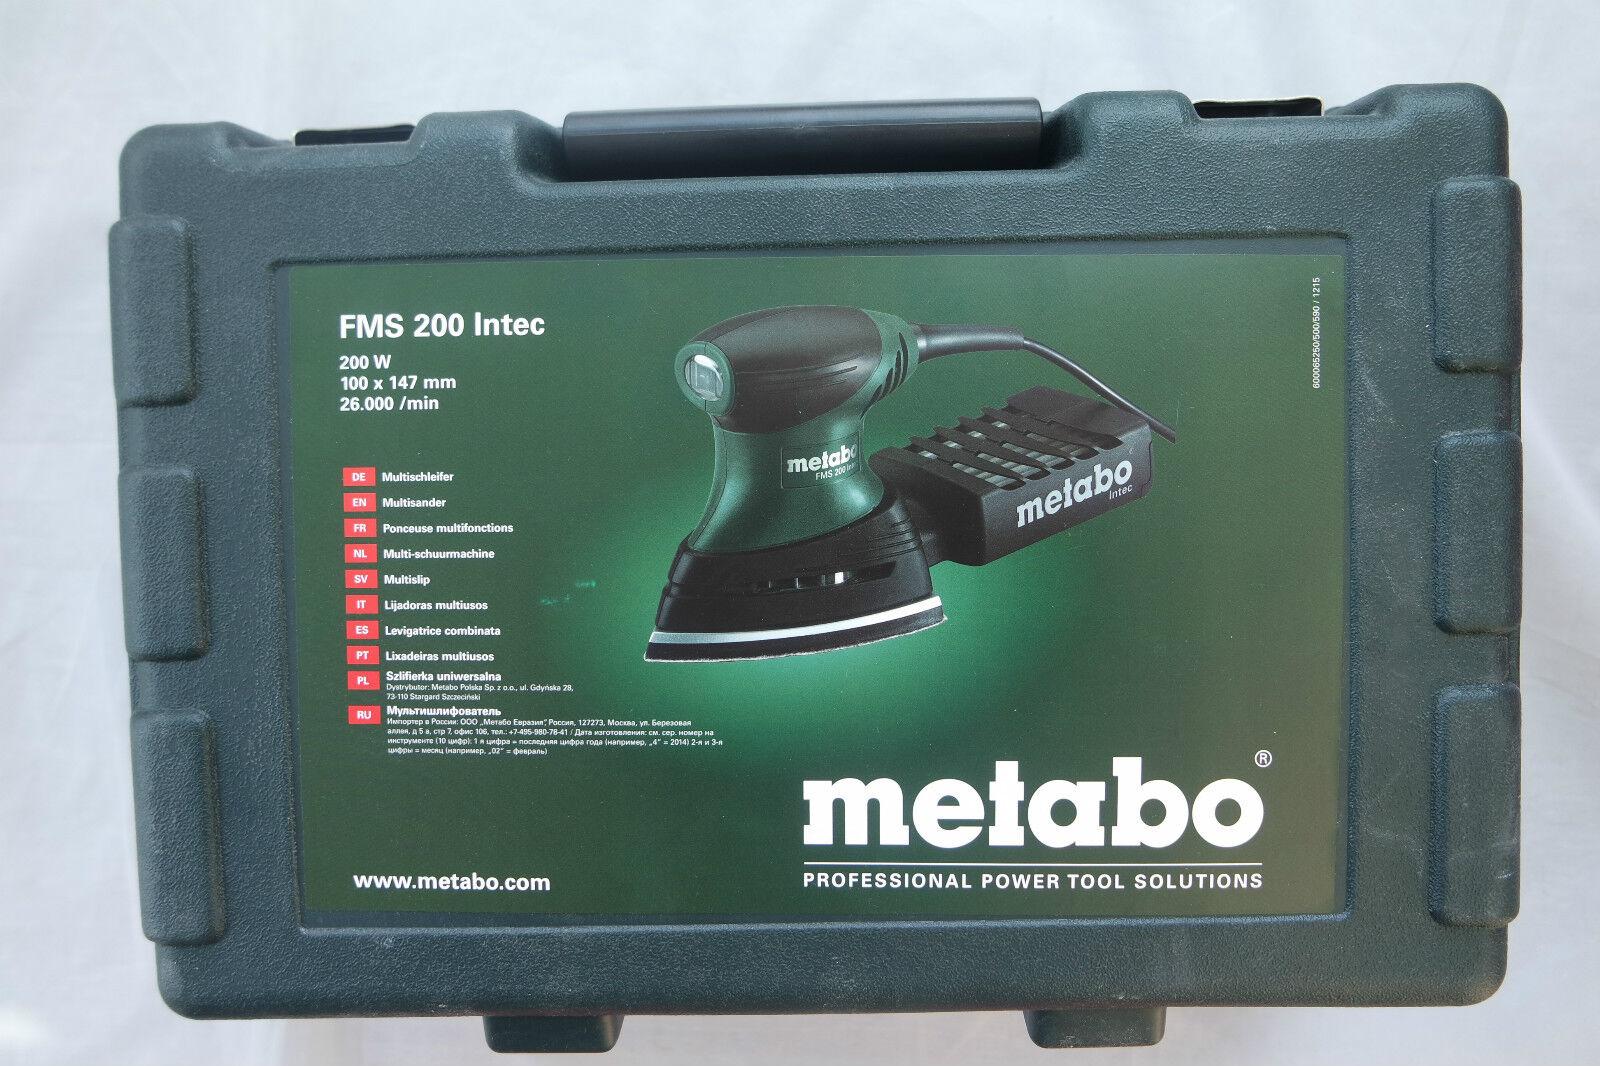 Metabo Multischleifer FMS 200 Intec